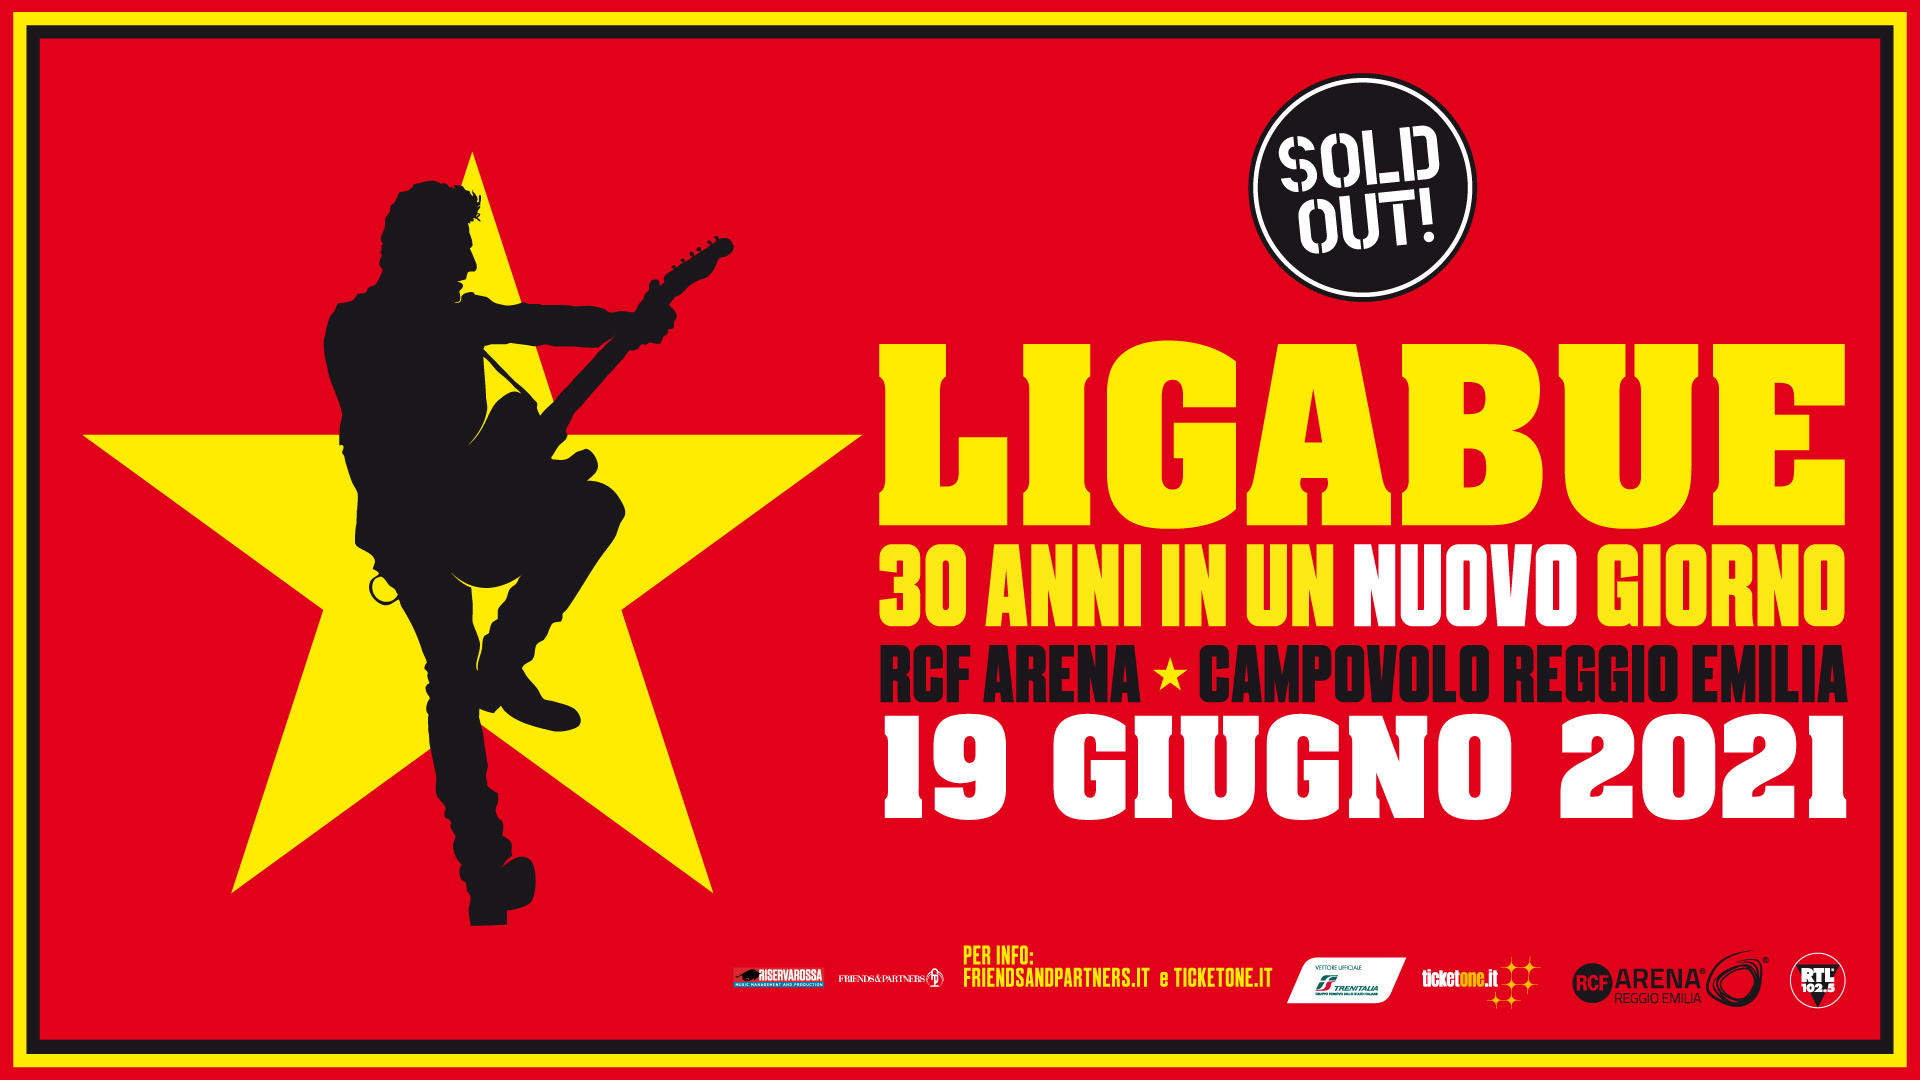 """Ligabue """"30 anni in un giorno"""": rinviato al 19 giugno 2021"""